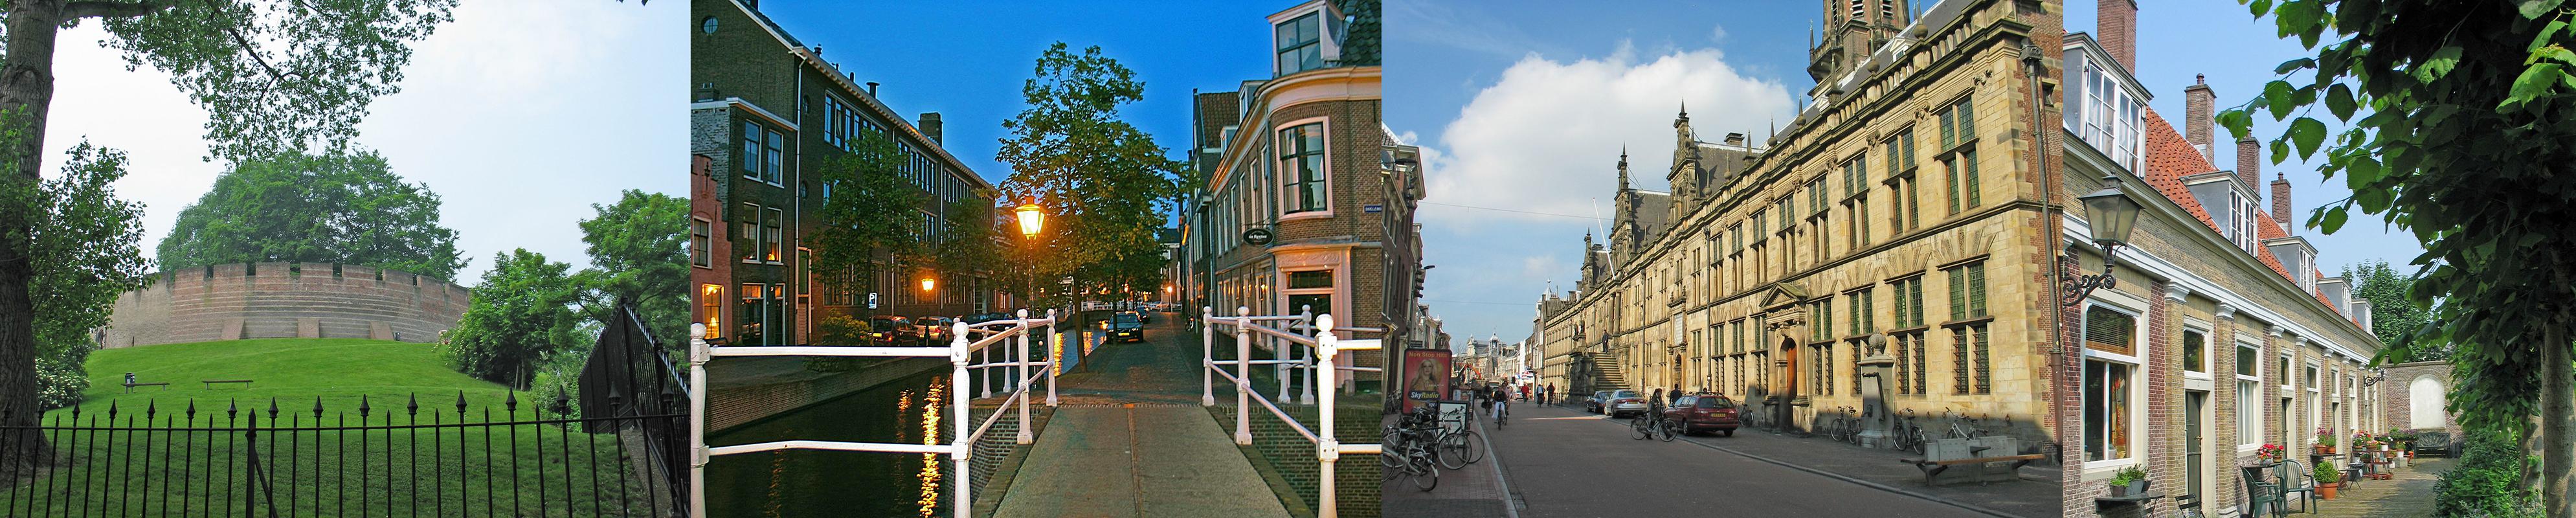 Wandel mee door het historische Leiden voor de asieldieren. Klik op de foto om u aan te melden!